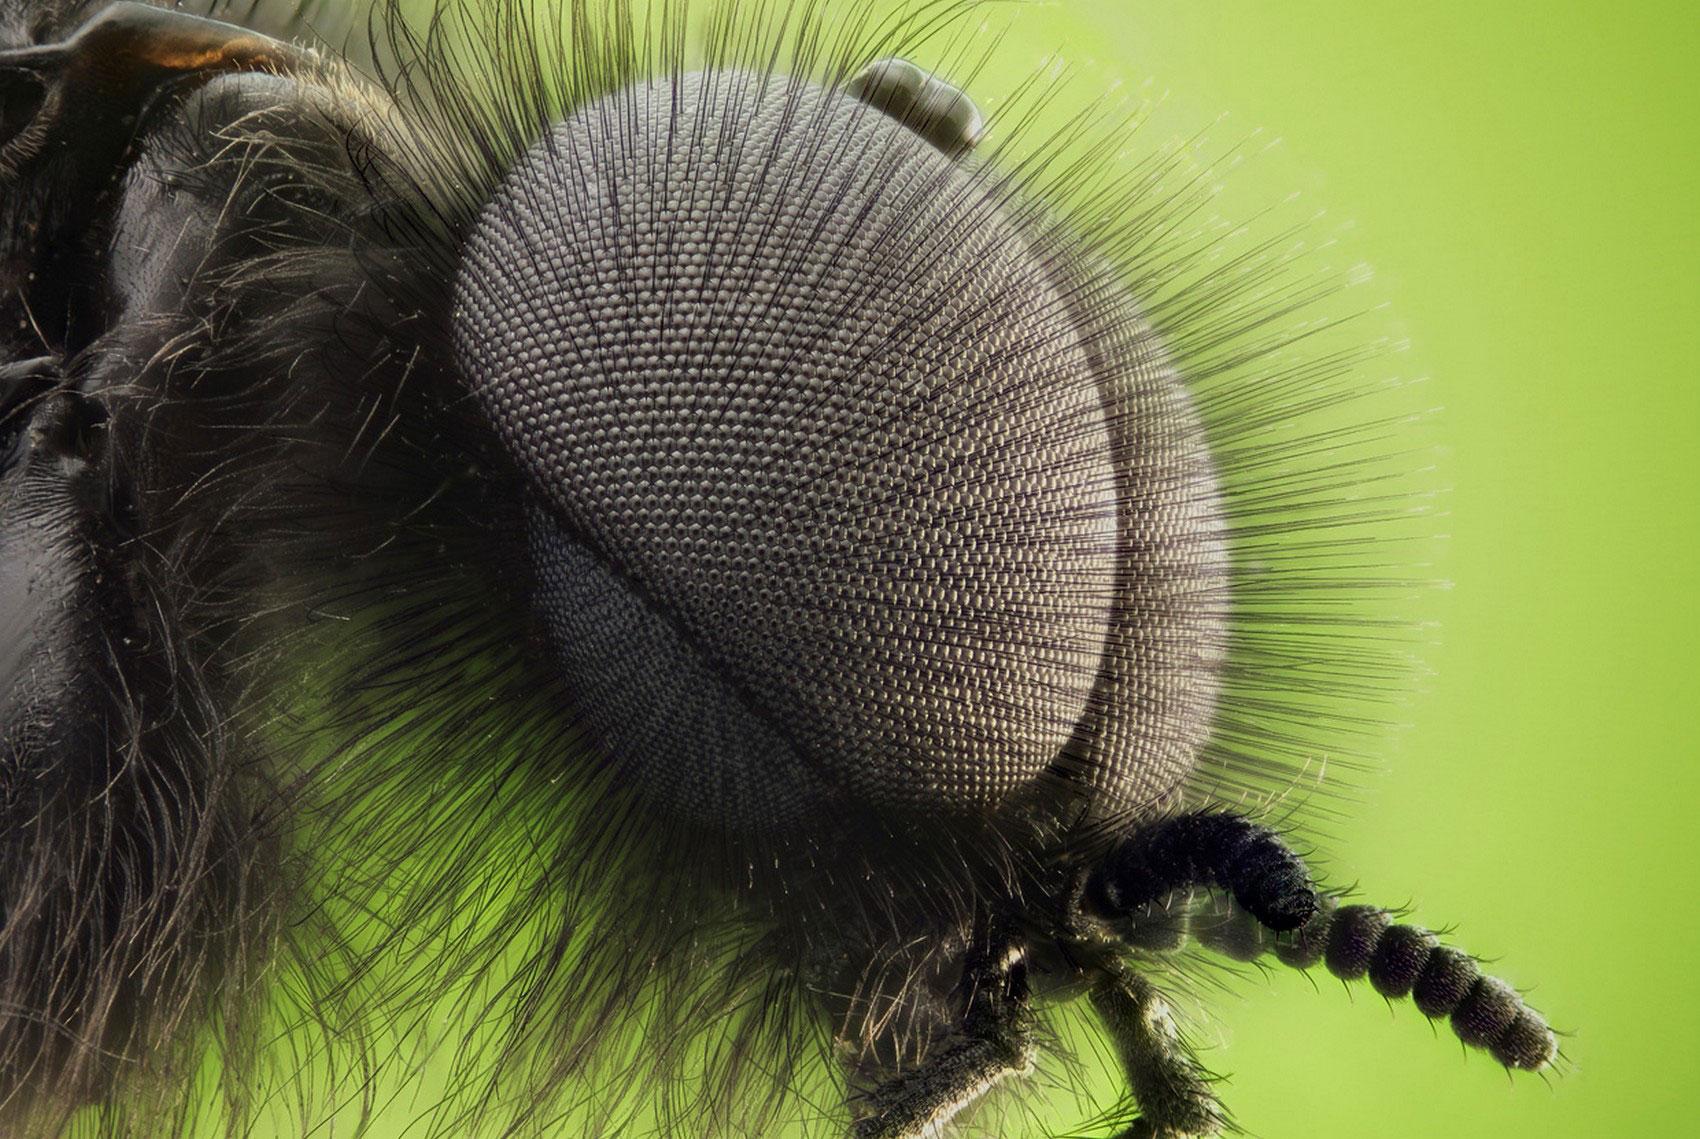 глаза комара под микроскопом